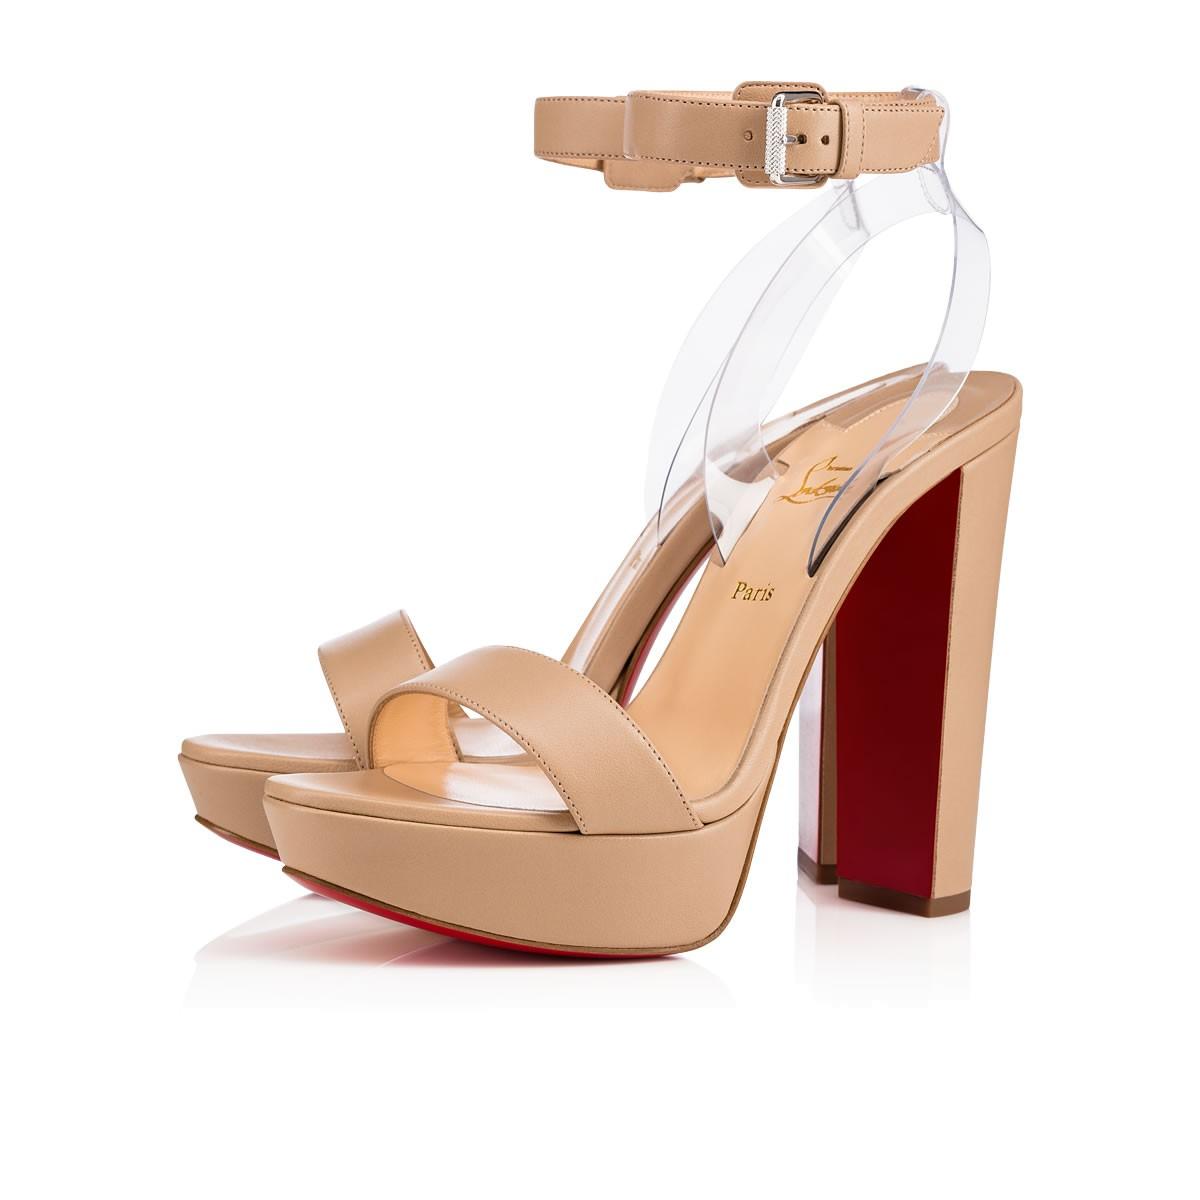 Christian Louboutin Zapatos Nude Colección 2017